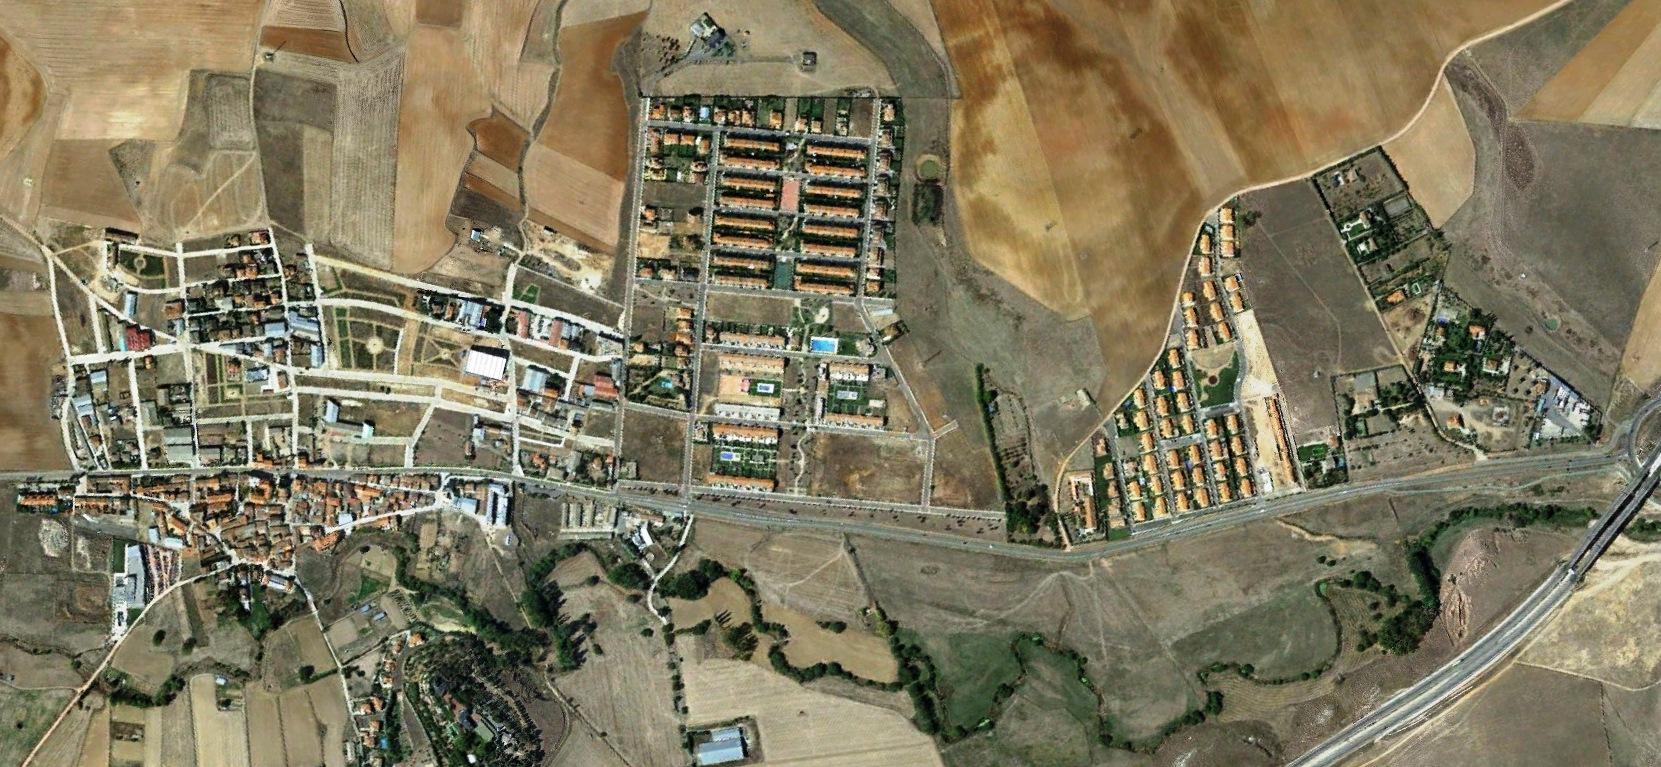 después, urbanismo, foto aérea,desastre, urbanístico, planeamiento, urbano, construcción, Aldeatejada, Salamanca